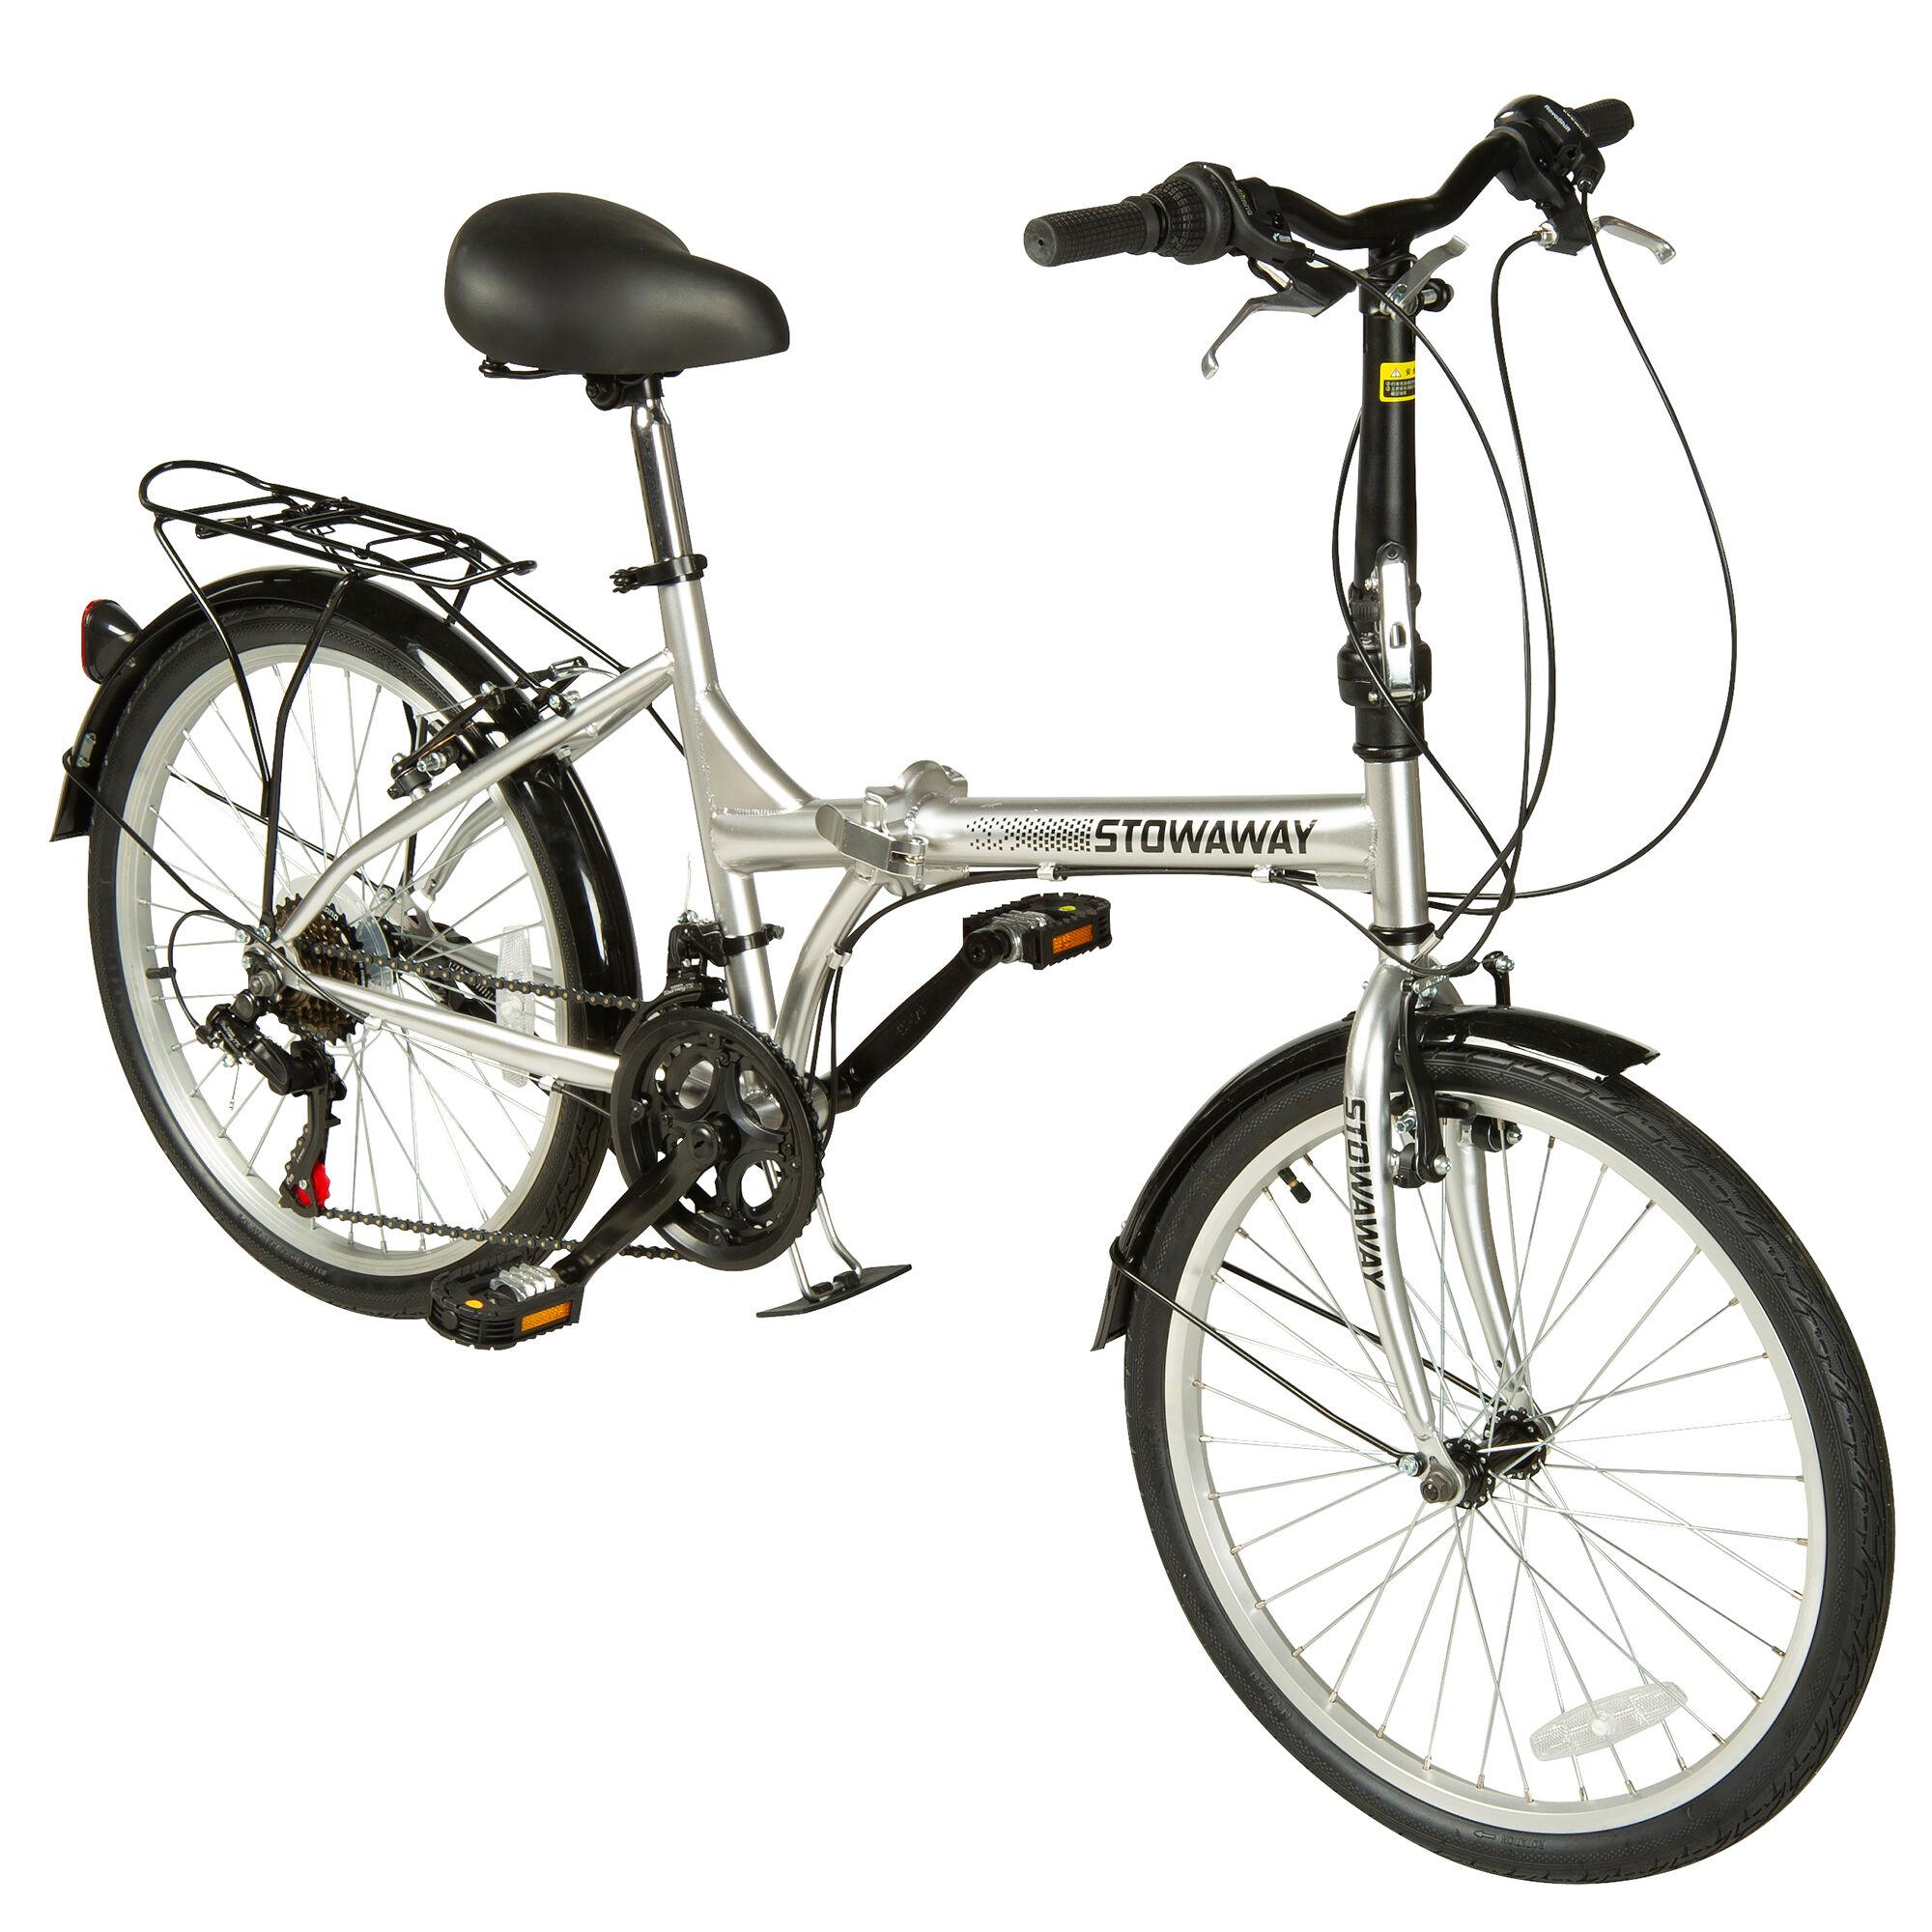 Stowaway 12-Speed Folding Bike, Silver